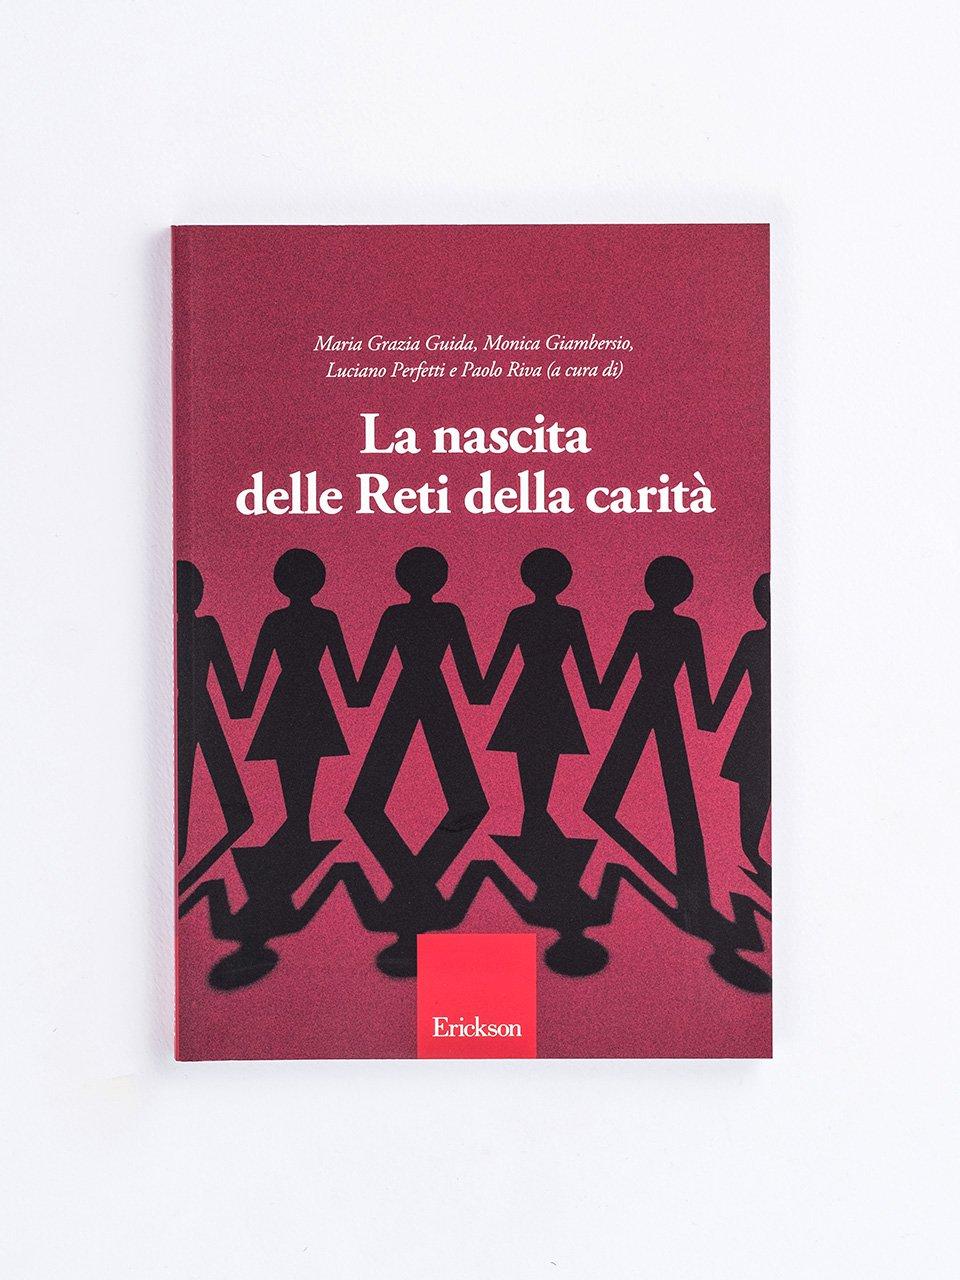 La nascita delle reti della carità - Non fare agli altri - Libri - Erickson